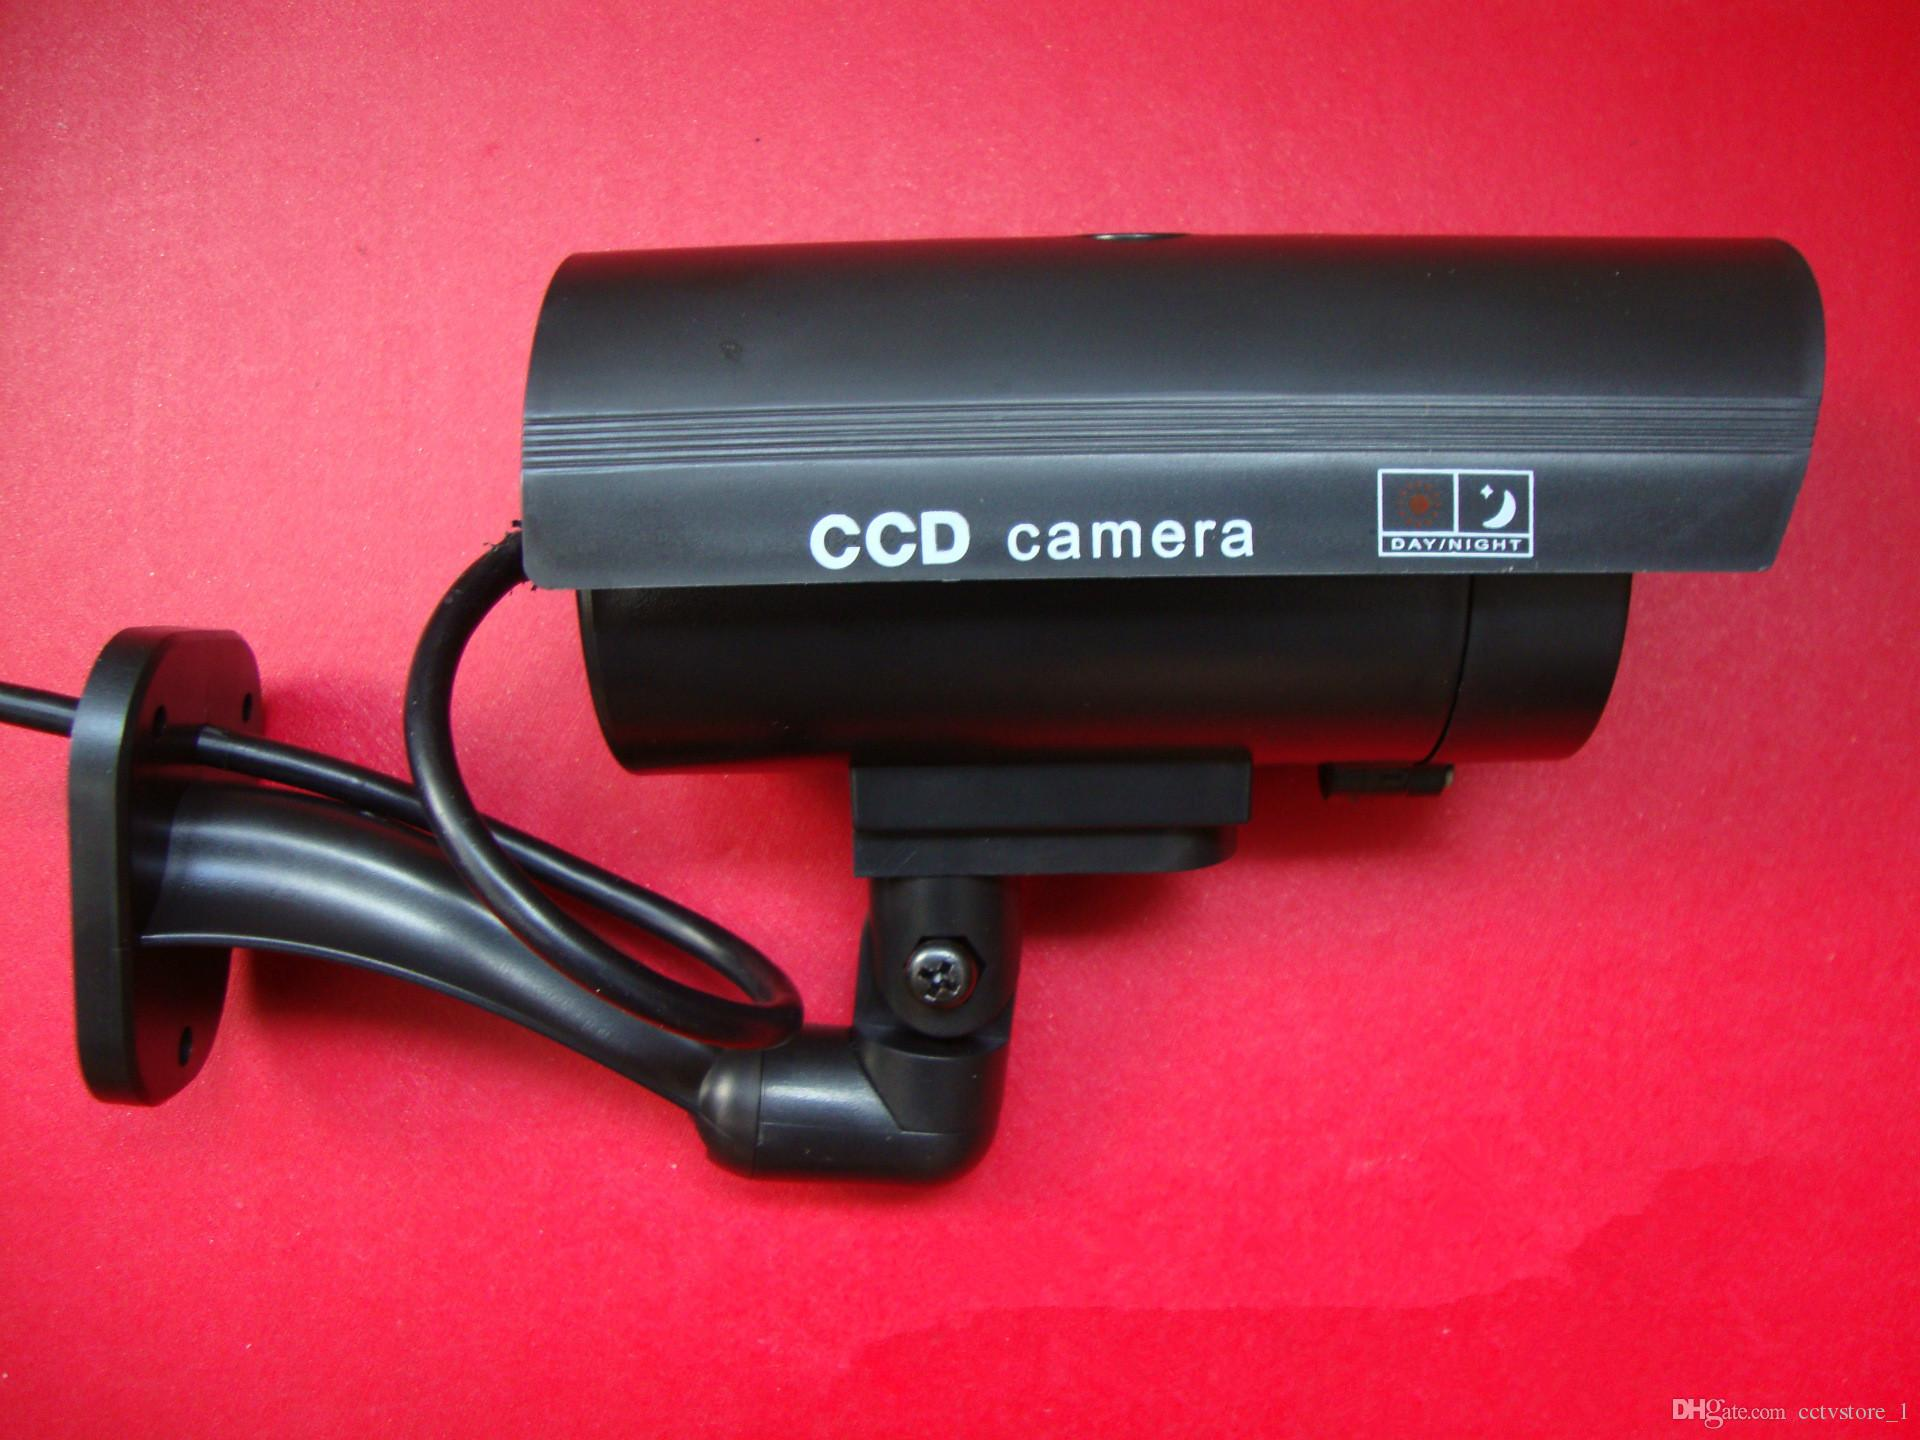 무선 홈 시큐리티 가짜 카메라 시뮬레이션 된 비디오 감시 실내 / 실외 감시 Dummy Ir Led 가짜 돔 카메라